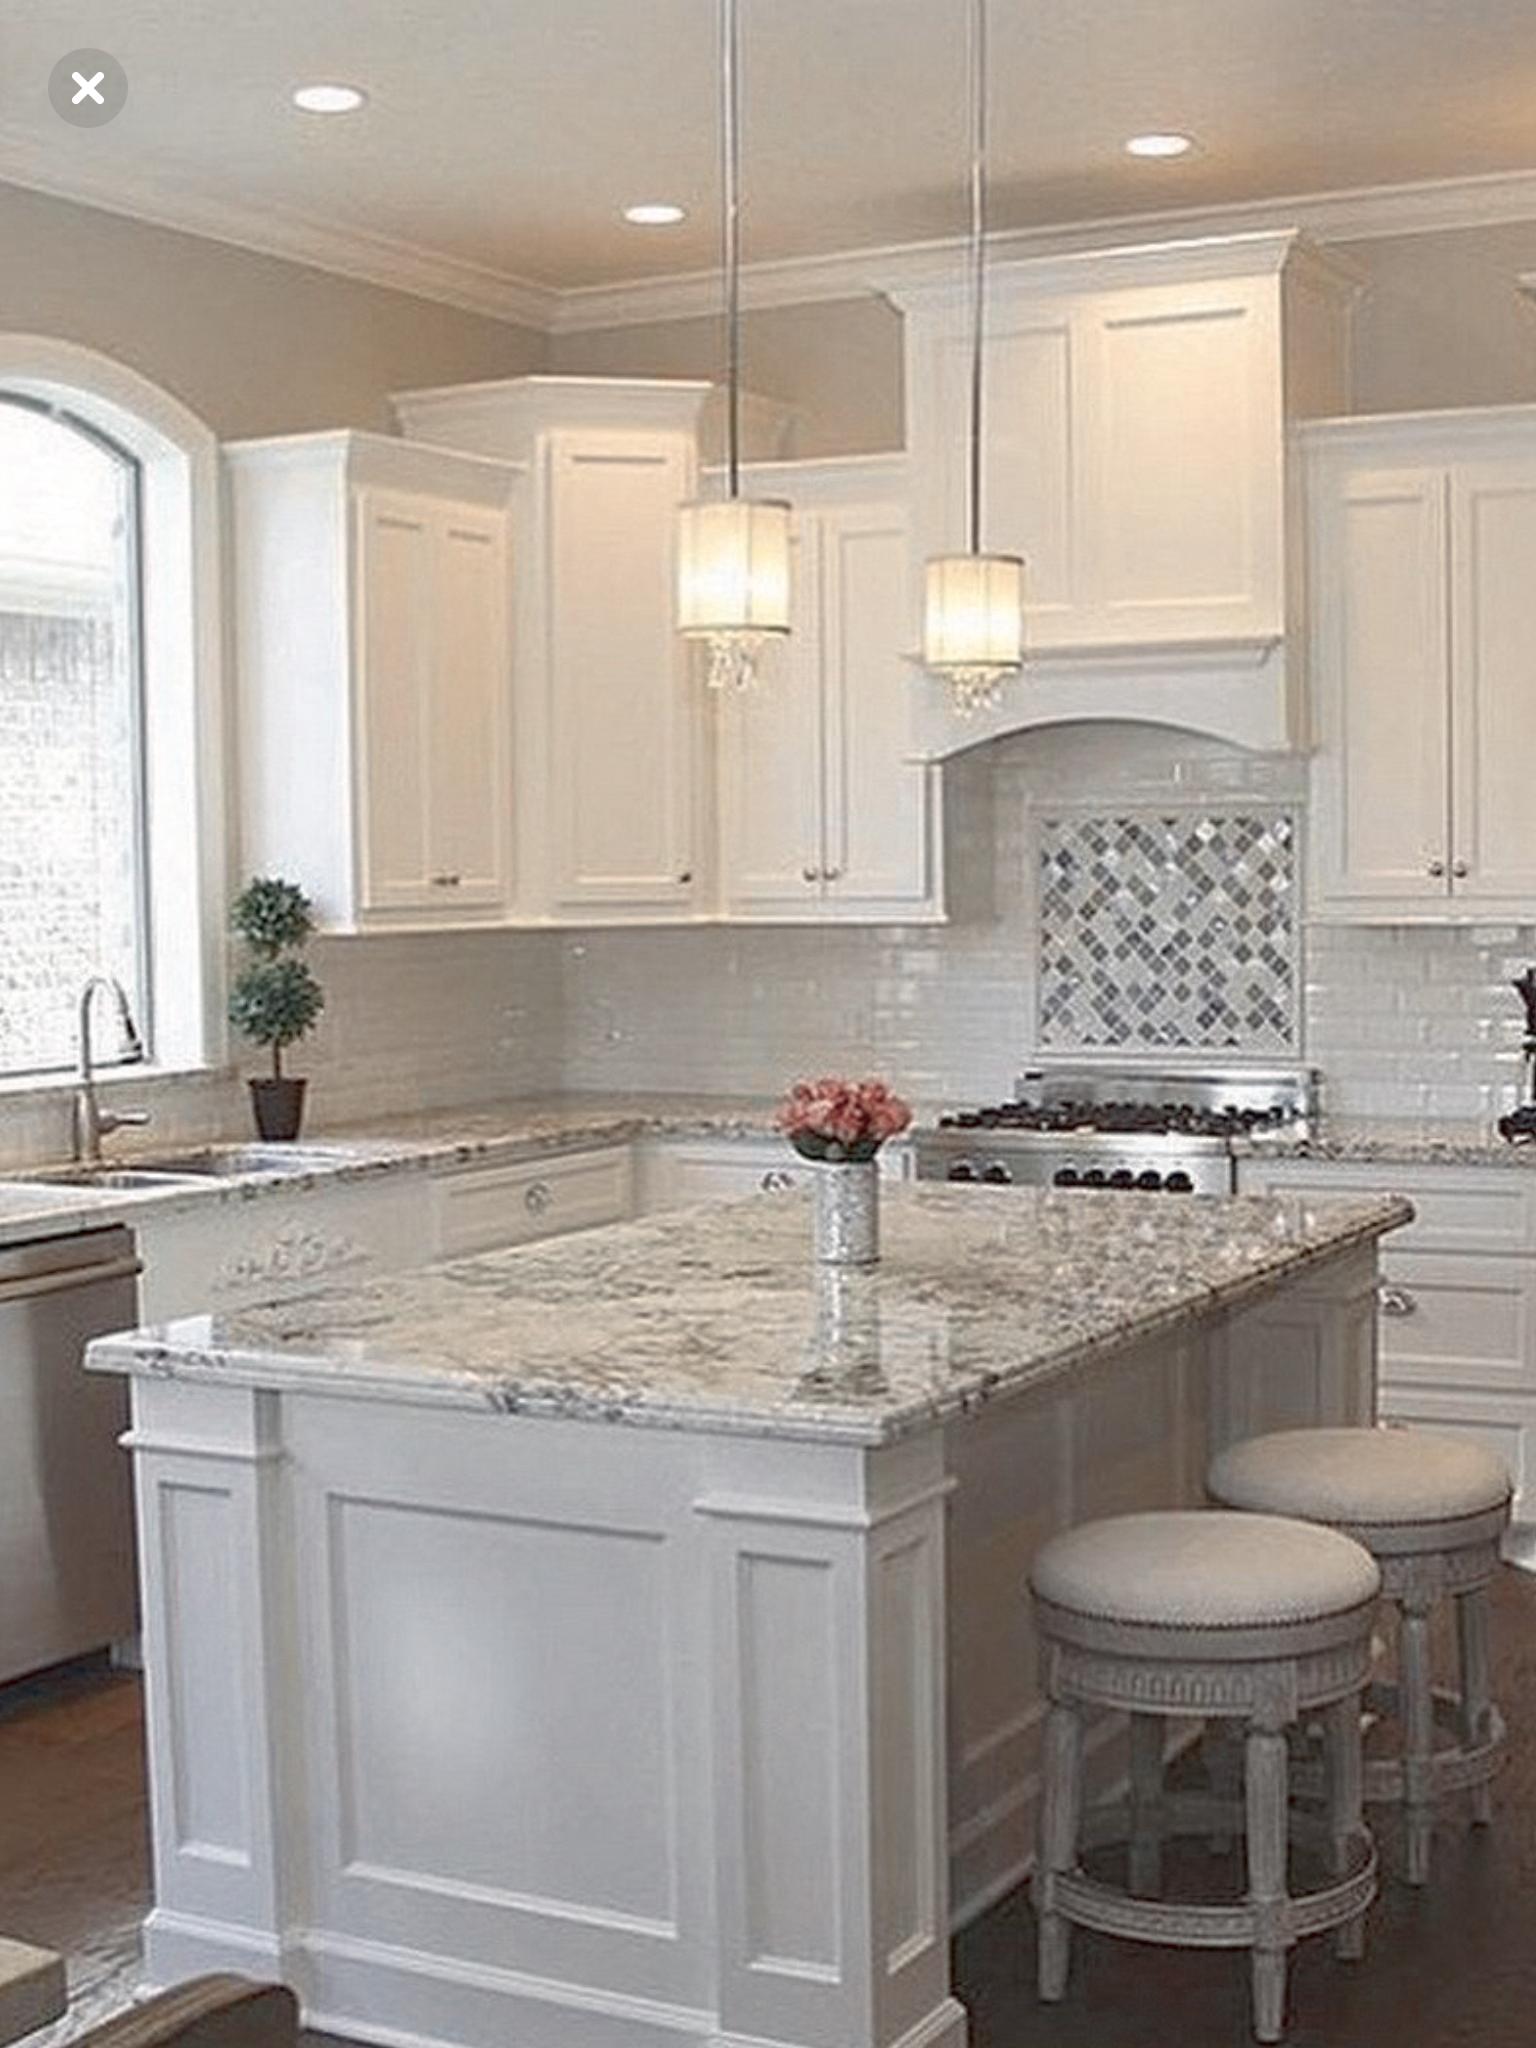 New house kitchenhomeimprovementideas   White kitchen design ...